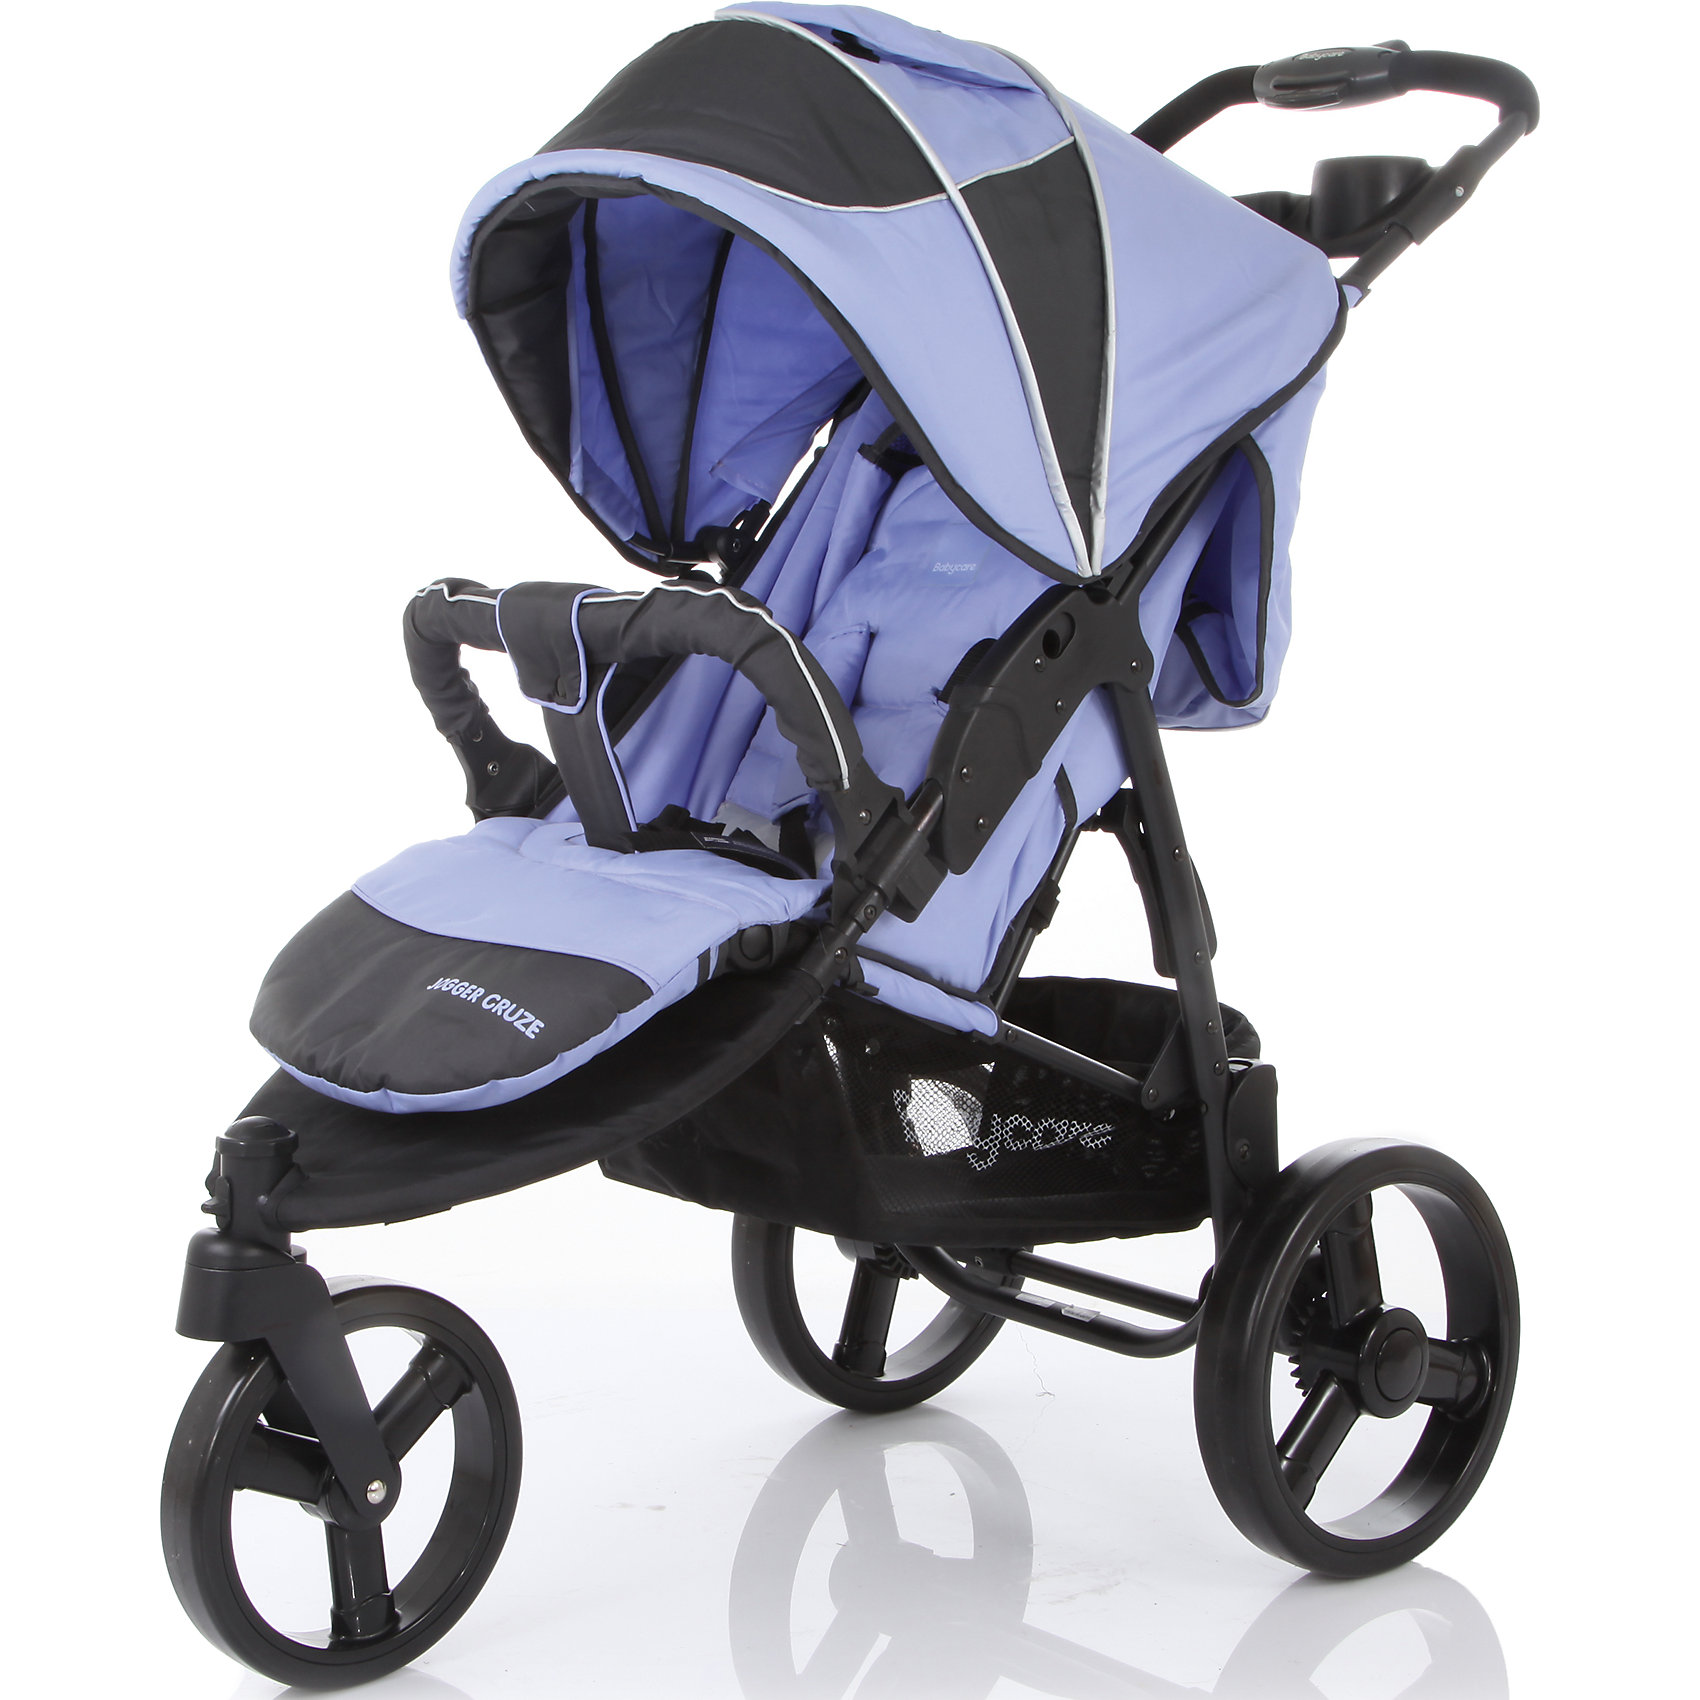 Прогулочная коляска Baby Care Jogger Cruze, фиолетовыйПрогулочные коляски<br>Baby Care Jogger Cruze – трехколесная прогулочная коляска на облегченной алюминиевой раме. Даная модель отлично подойдет для динамичных молодых родителей. Колеса большого диаметра обеспечивают хороший плавный ход, маневренность, высокую проходимость. Переднее колесо - поворотное с функцией фиксации, для более удобного движения по прямой. Модель идеально подходит для любых погодных условий. Материал коляски имеет водоотталкивающую пропитку. Капюшон защищает от снега, воды и солнца, опускается до бампера, в комплект входит утепленная накидка для ног. Для комфортного сна ребенка в любой ситуации и в любом месте, регулируемая спинка может откидываться до почти горизонтального положения. 5-титочечные ремни  и съемный бампер с мягкой накладкой подарят комфорт и безопасность крохе. Для удобства родителей модель оснащена съемным столиком с двумя подстаканниками и большой сетчатой корзиной для покупок. Коляска легко складывается, занимает мало места при хранении и транспортировке, колеса снимаются. <br><br>Дополнительная информация:<br><br>- Механизм складывания: книжка.<br>- Комплектация: поднос для родителей, солнцезащитный козырек, дождевик, накидка на ноги.<br>- Материал: металл, пластик, текстиль, резина.<br>- Размер: 80x53x105 см.<br>- Размер колесной базы: 53 см.<br>- Размер сиденья: 42х40 см.<br>- Длина спального места: 80 см.<br>- Высота ручки от пола: 105 см.<br>- Вес: 9 кг.<br>- Количество колес: 3.<br>- Диаметр колес: переднее -20 см, задние - 27 см.<br>- Цвет: фиолетовый.<br>- Переднее колесо поворотное, с возможностью блокировки.<br>- Система амортизации.<br>- Стояночный тормоз.<br>- 5-ти точечные ремни безопасности.<br>- Съемный бампер.<br>- Регулировка спинки (максимальный наклон 170 градусов).<br>- Солнцезащитный козырек.<br>- Вместительная корзина для покупок.<br>- Столик для мамы с двумя подстаканниками<br><br>Прогулочную коляску Jogger Cruze, Baby Care, фиолетовую, можно купить в